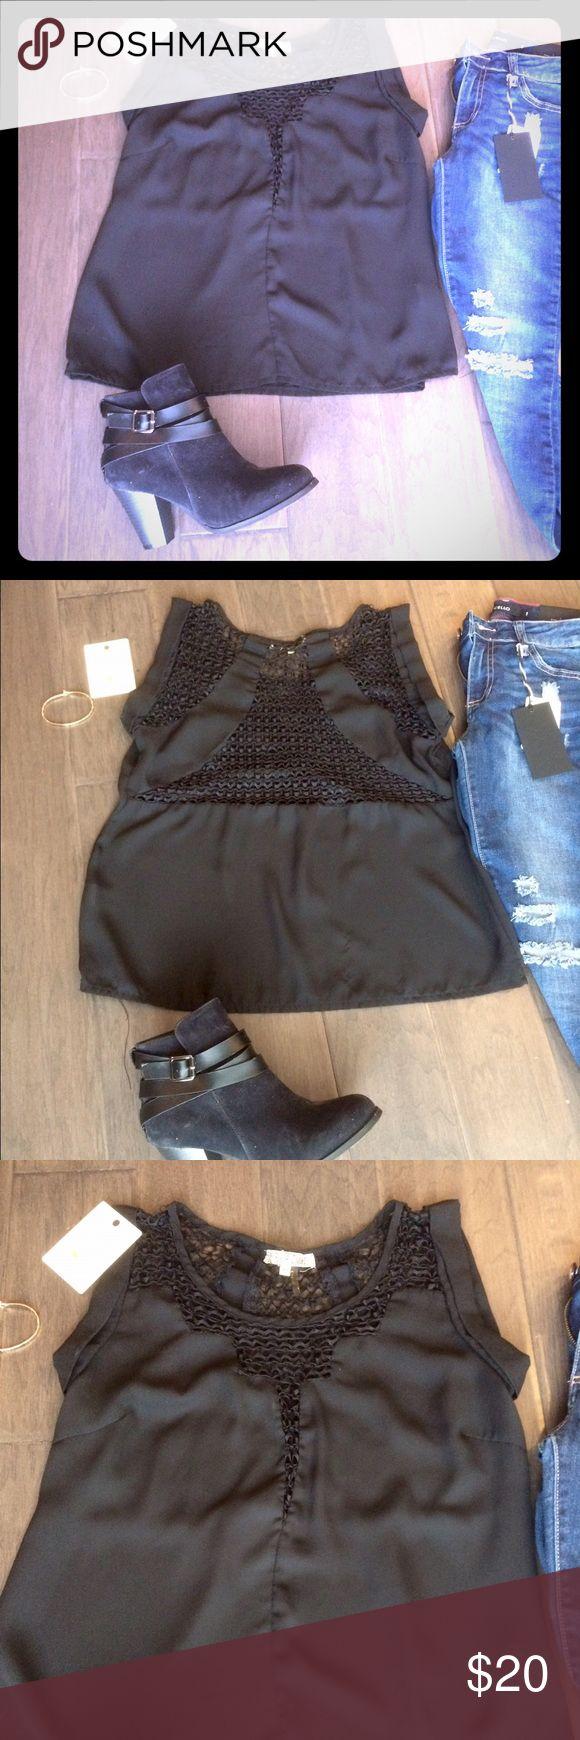 Black chiffon blouse Black chiffon blouse. Cabrini Tops Blouses